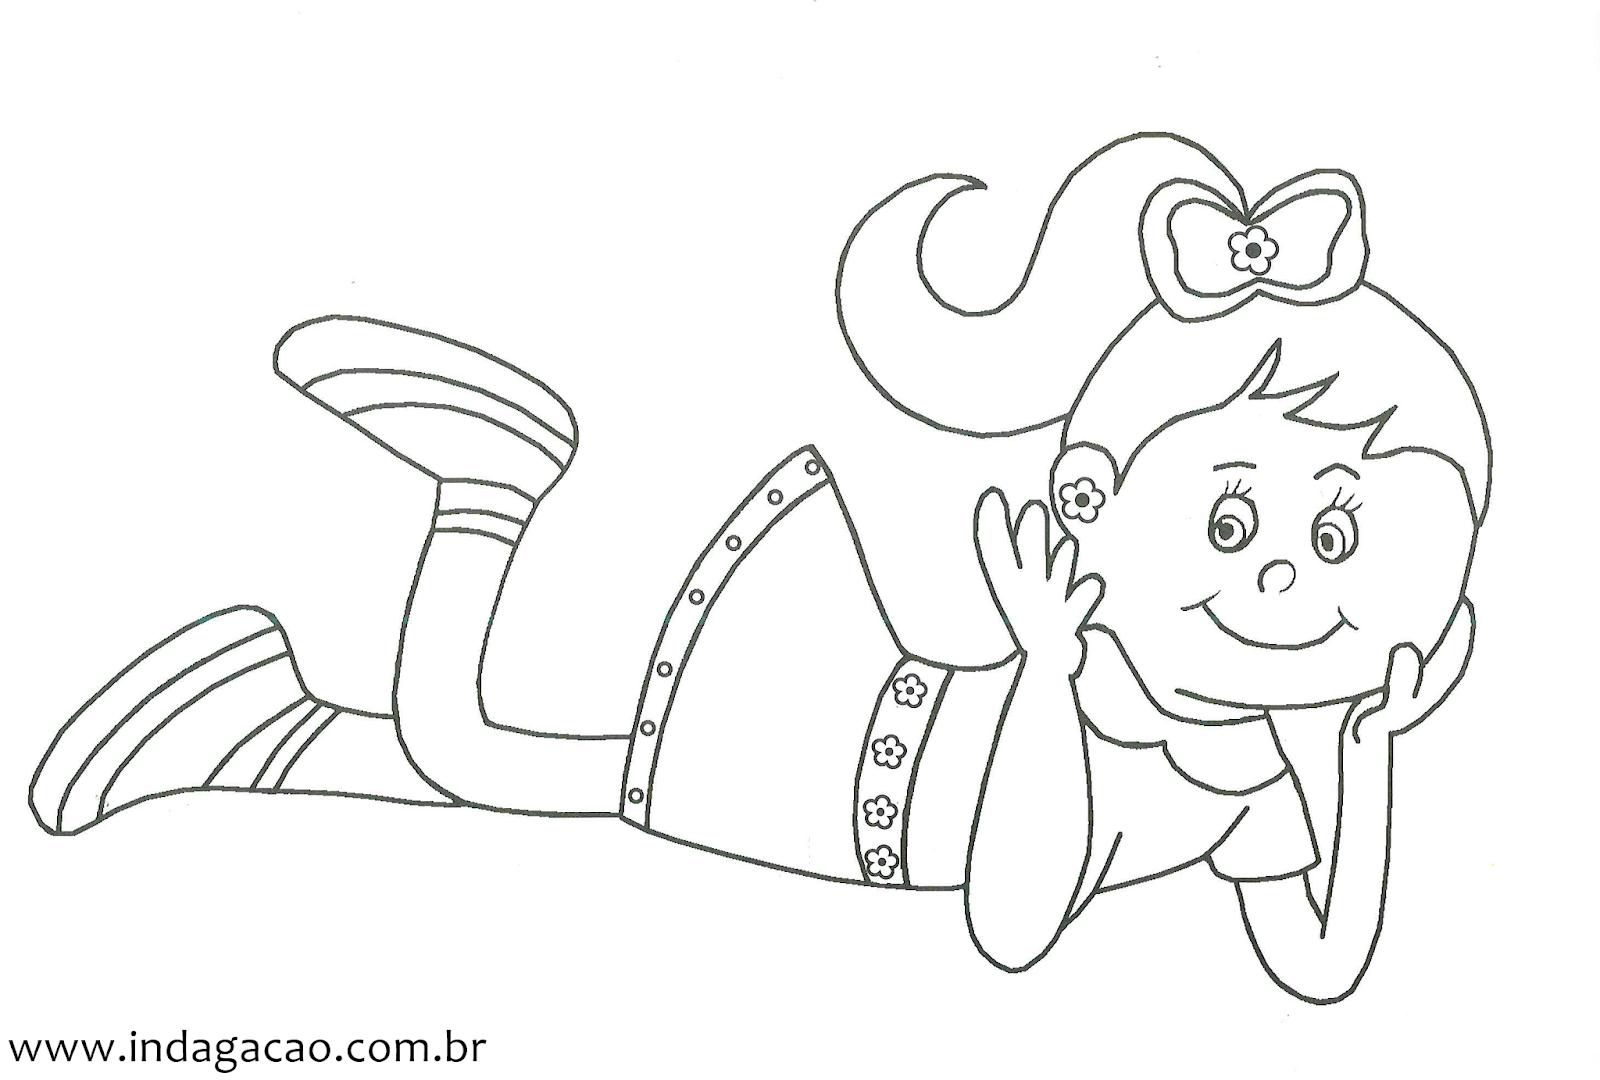 Desenho Para Colorir Baixar Pdf Gratis Desenhos Para Criancas